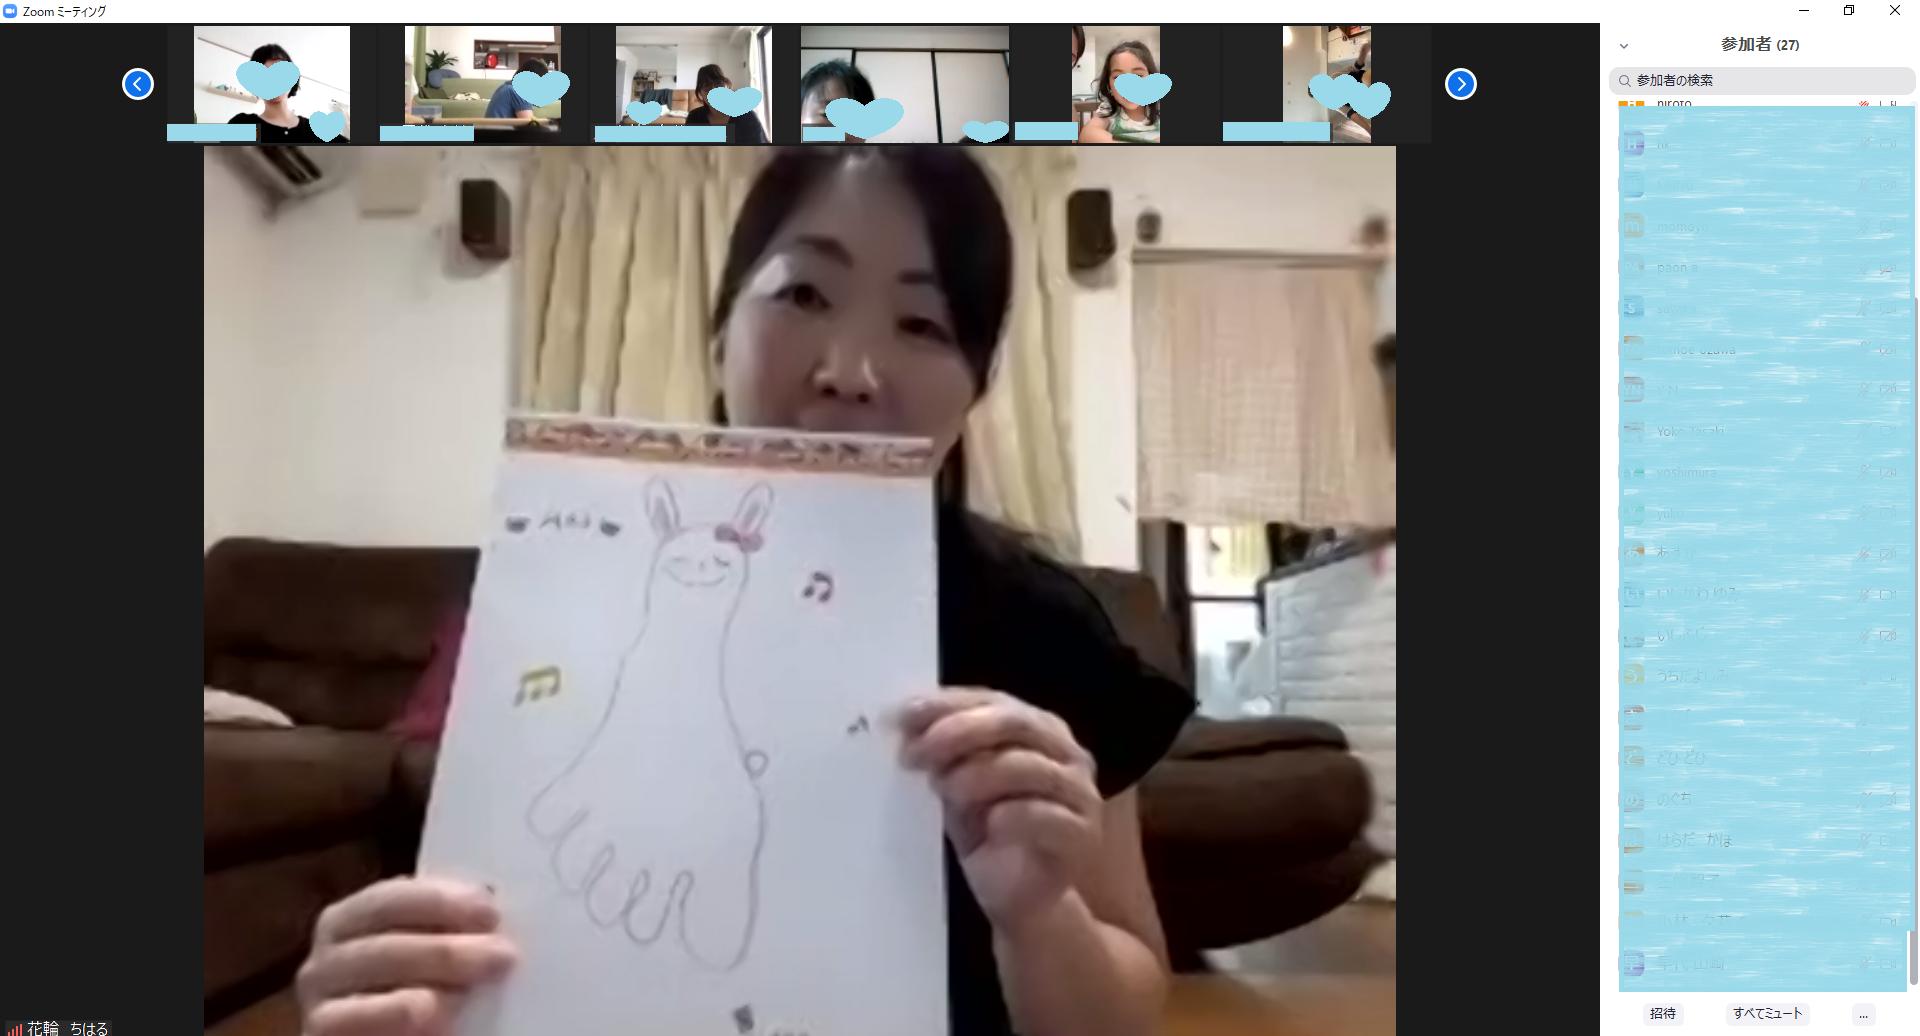 【無料・オンライン】7/14(火)15:00〜足の形をなぞって可愛いアートをつくろう